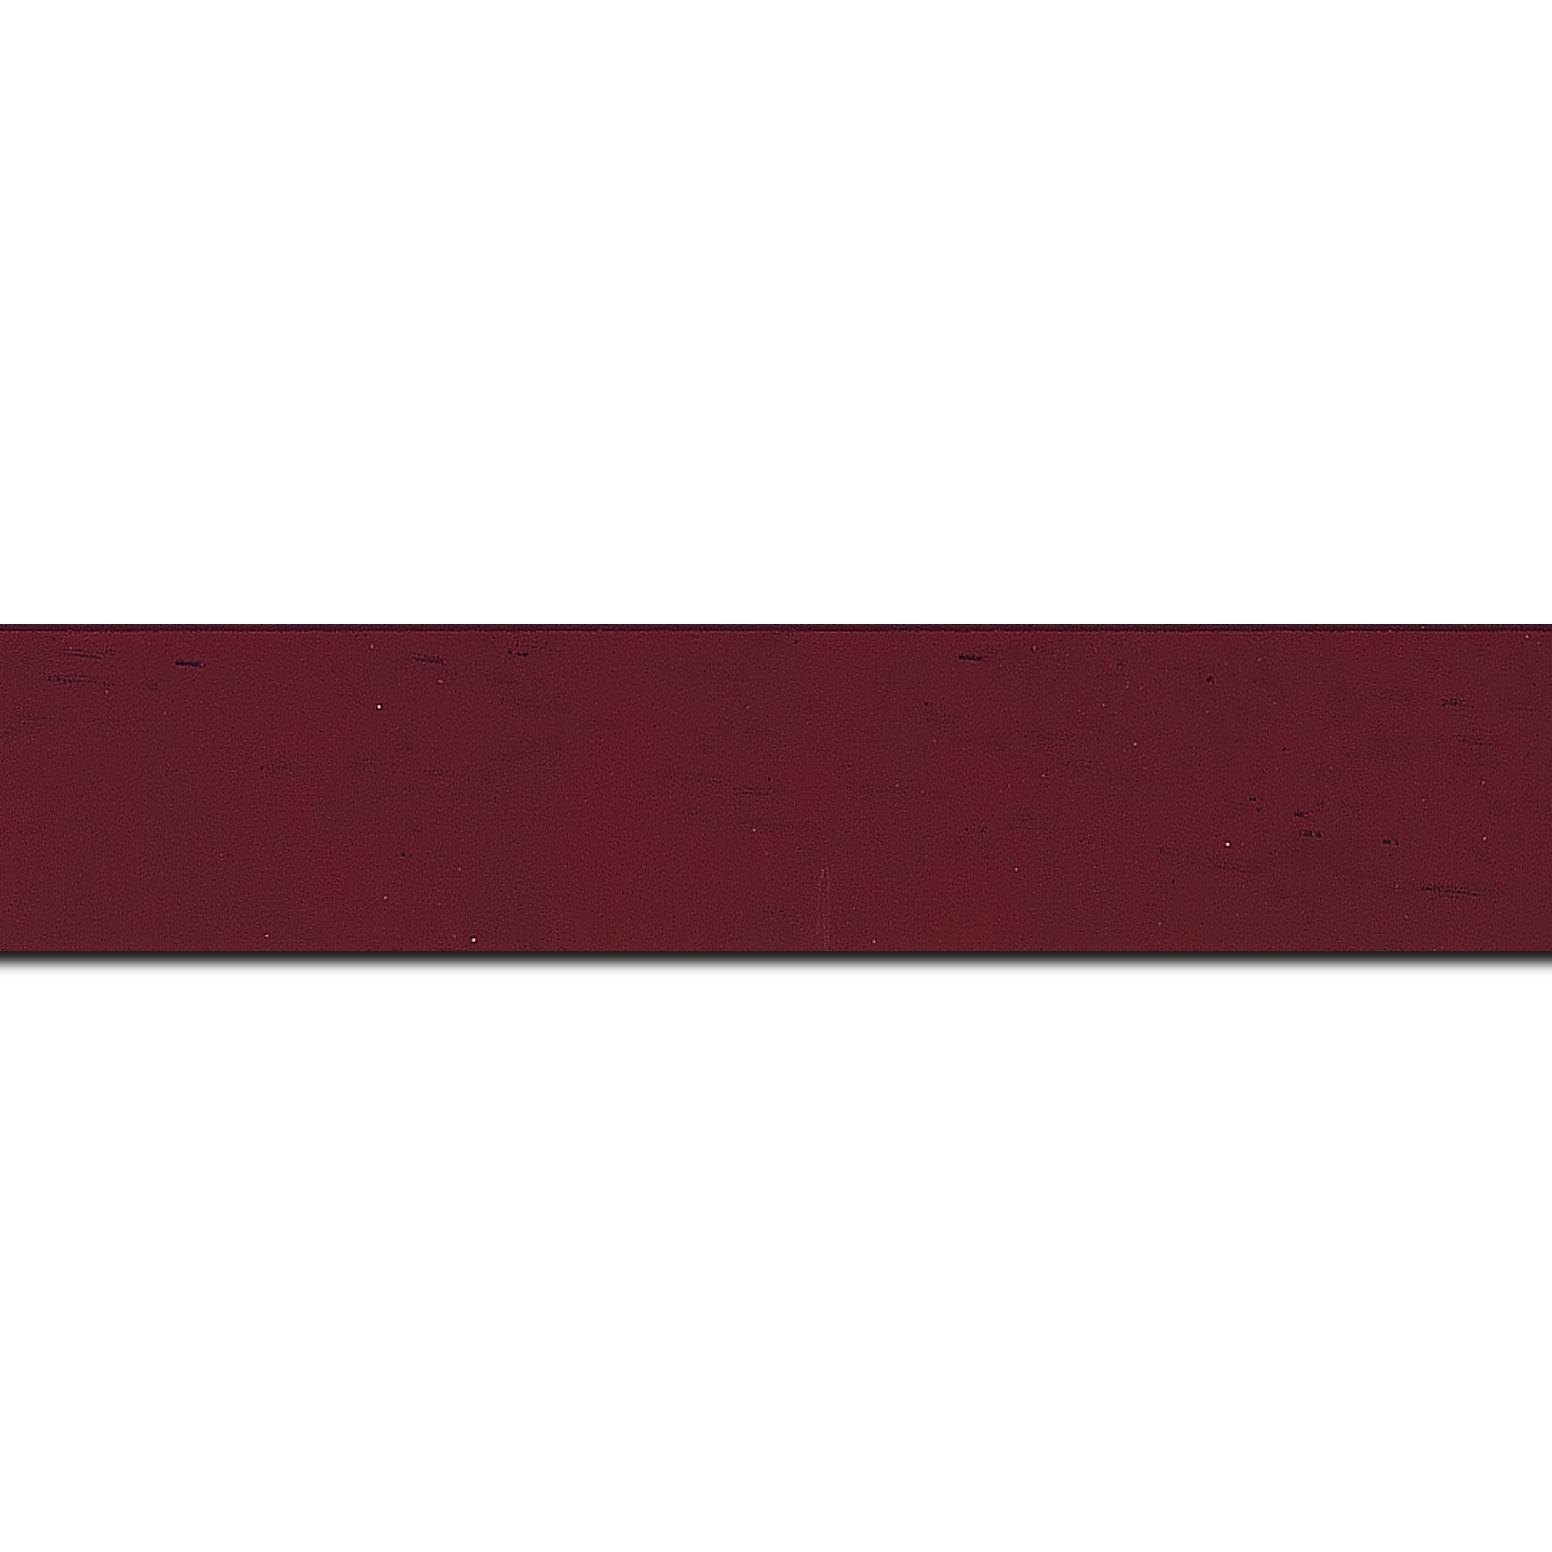 Pack par 12m, bois profil plat largeur 3cm couleur bordeaux satiné (longueur baguette pouvant varier entre 2.40m et 3m selon arrivage des bois)